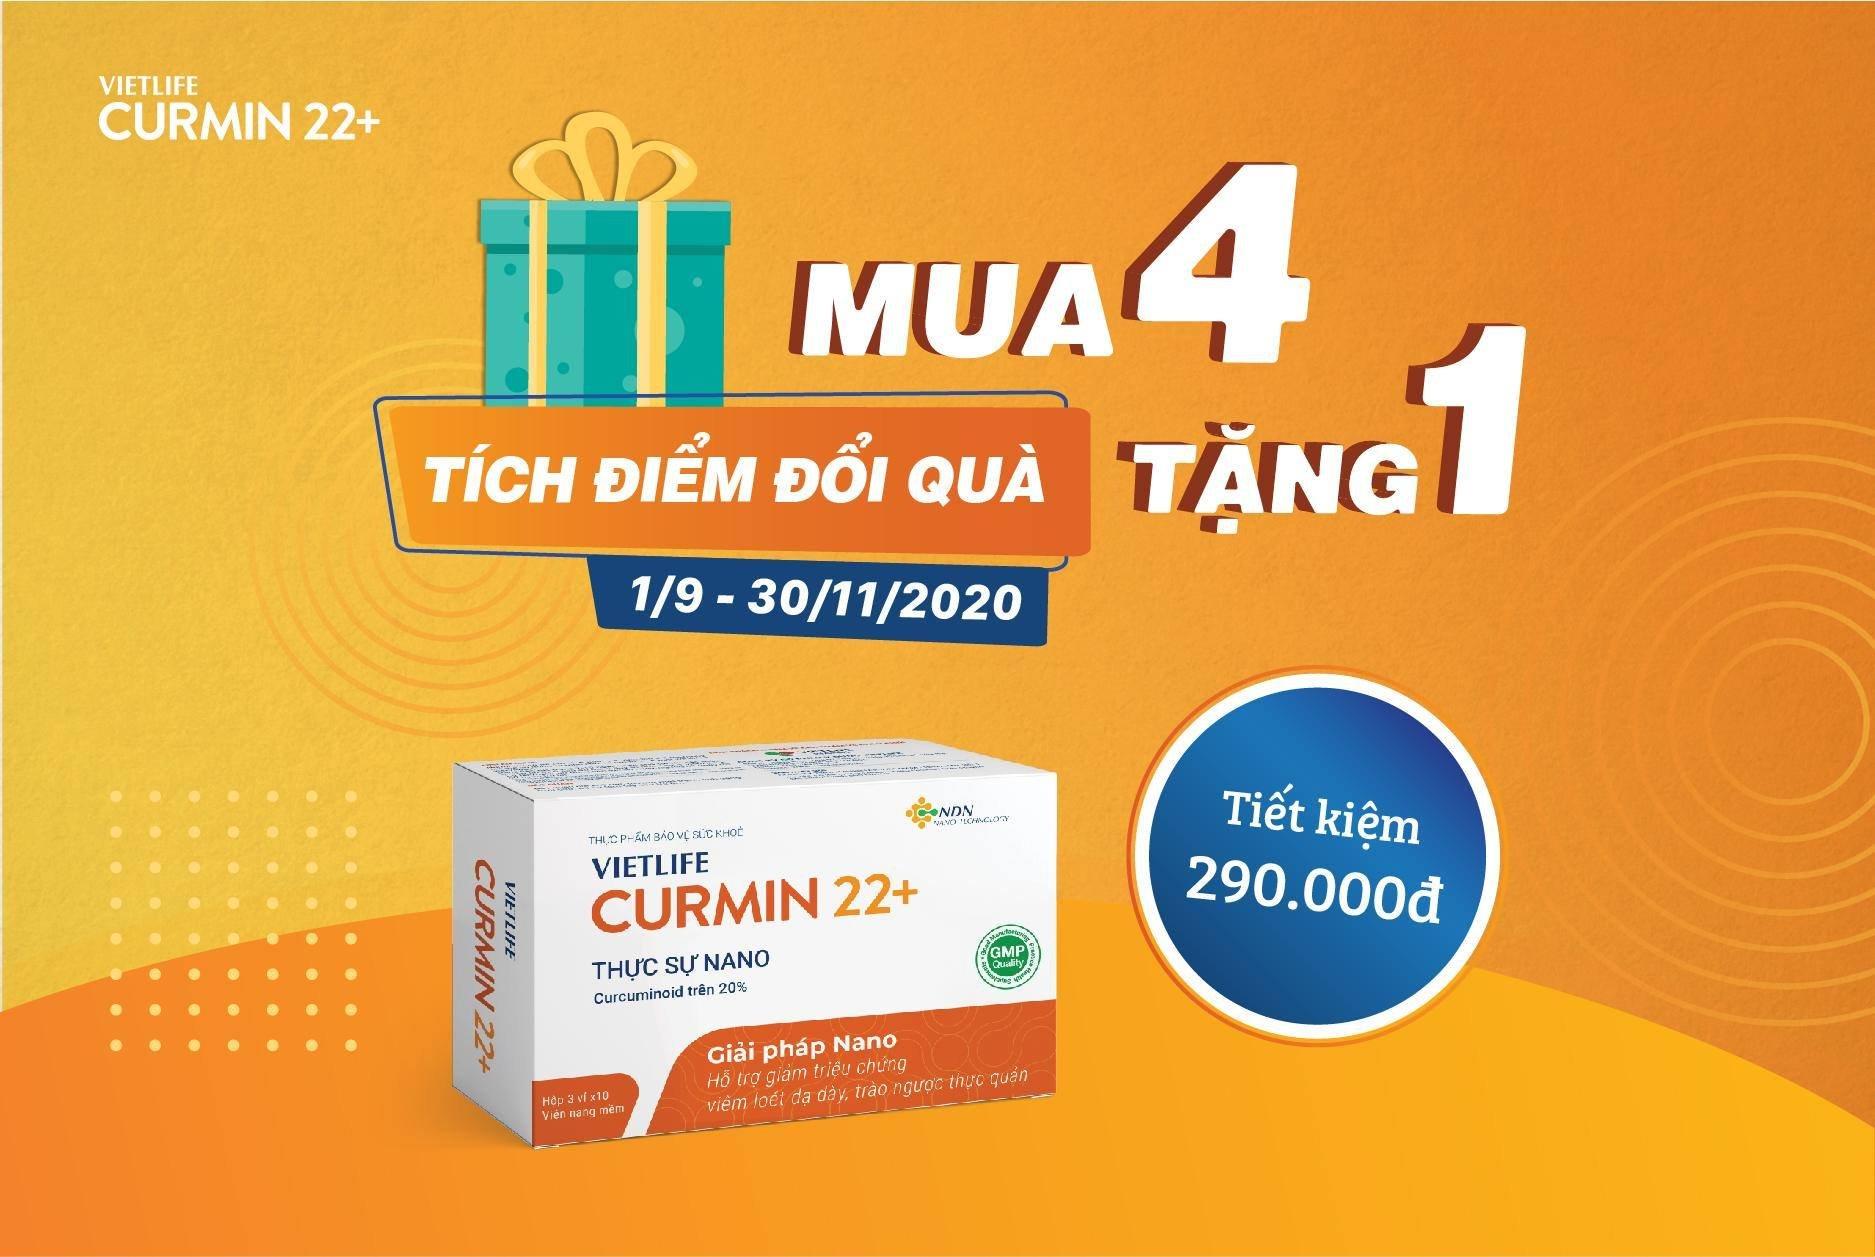 3. Curmin 22+: Lành loét hết đau - Dạ dày khỏe mạnh 1